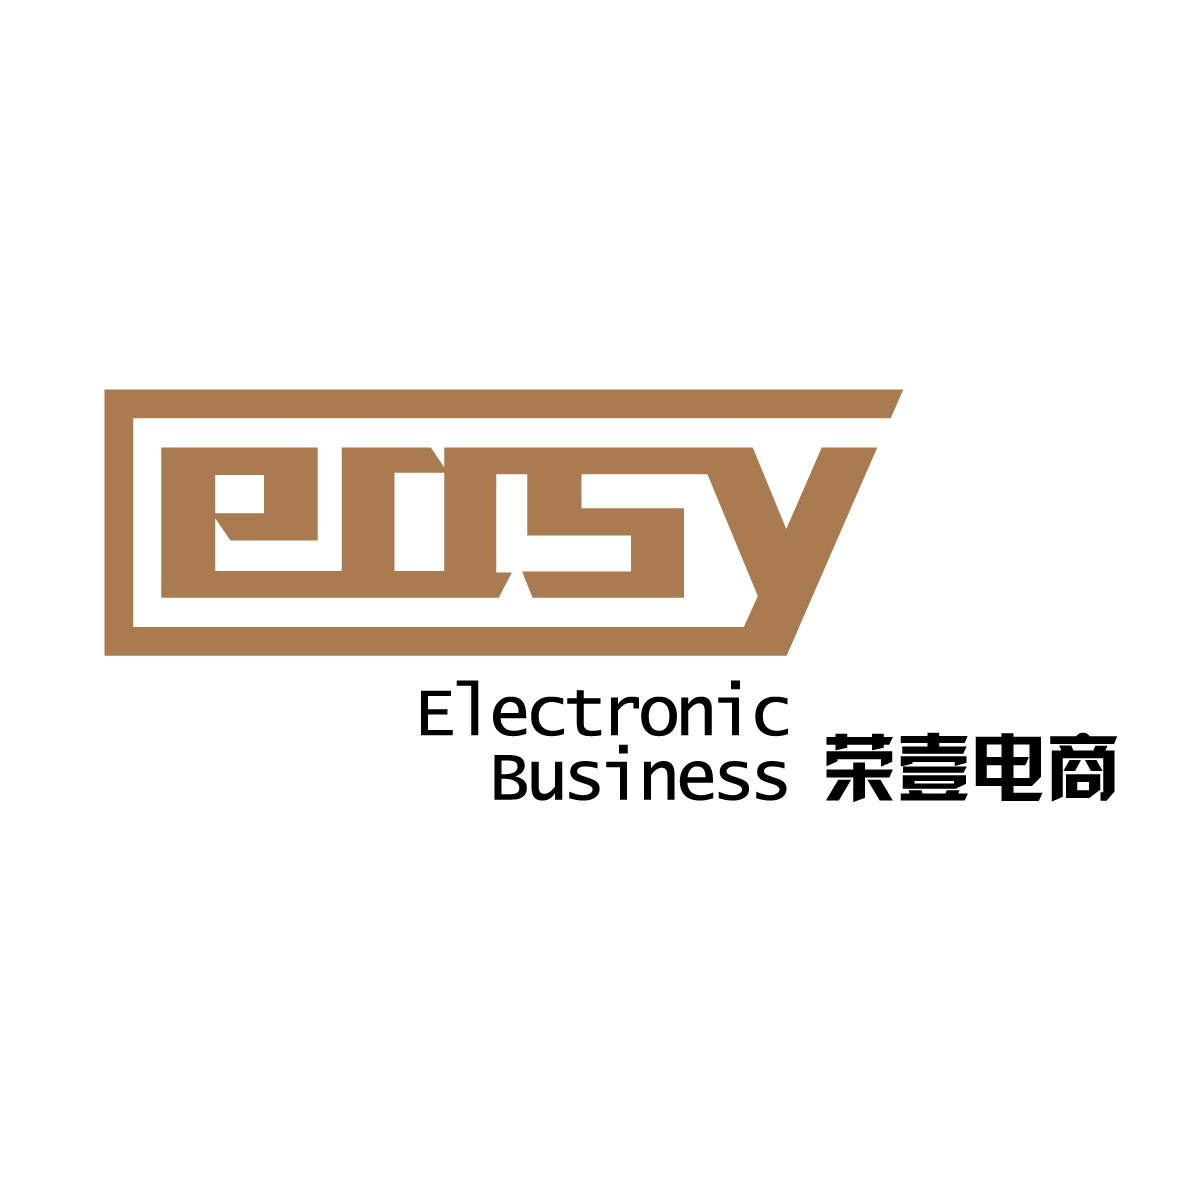 天津荣一电子商务有限公司